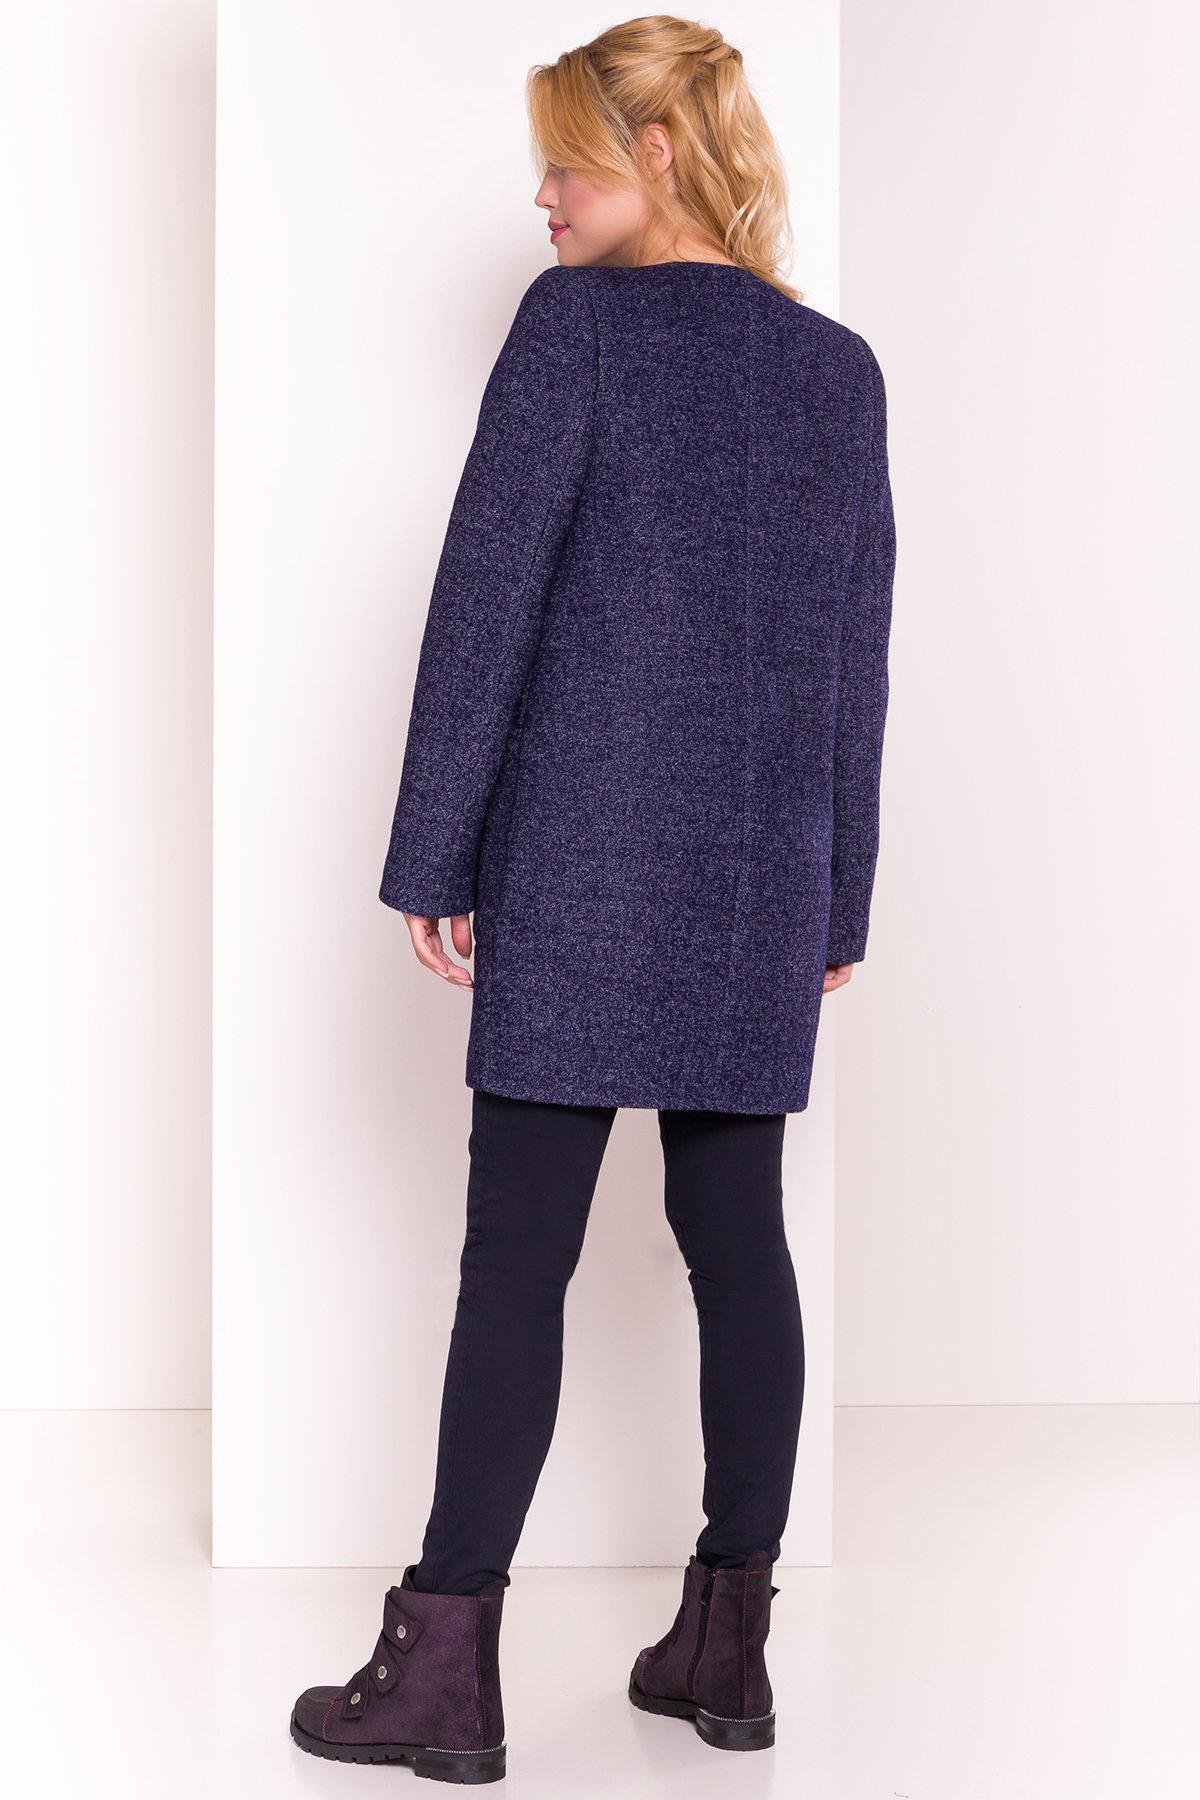 Пальто Дакс 1679 АРТ. 16669 Цвет: Темно-синий - фото 4, интернет магазин tm-modus.ru